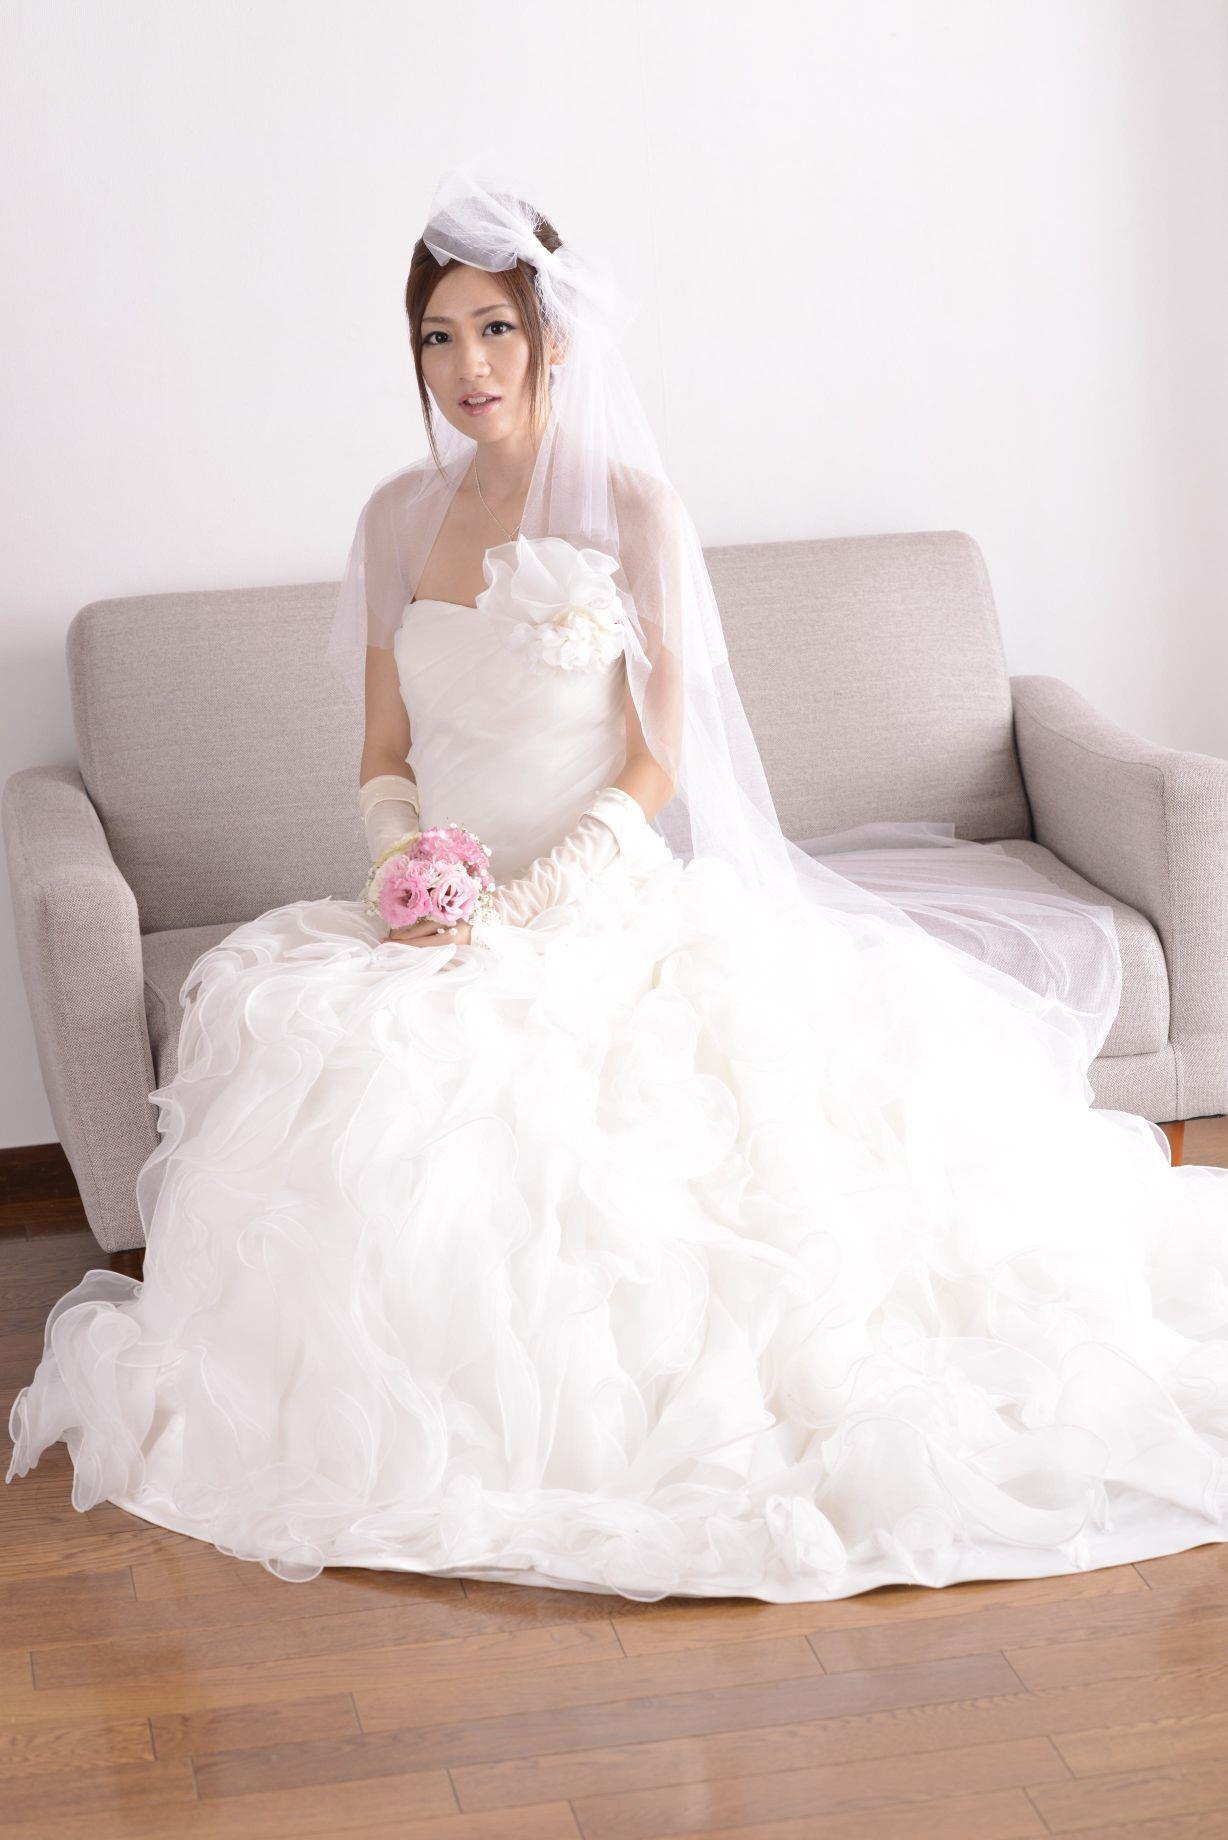 前田かおり ウェディングドレス画像 36